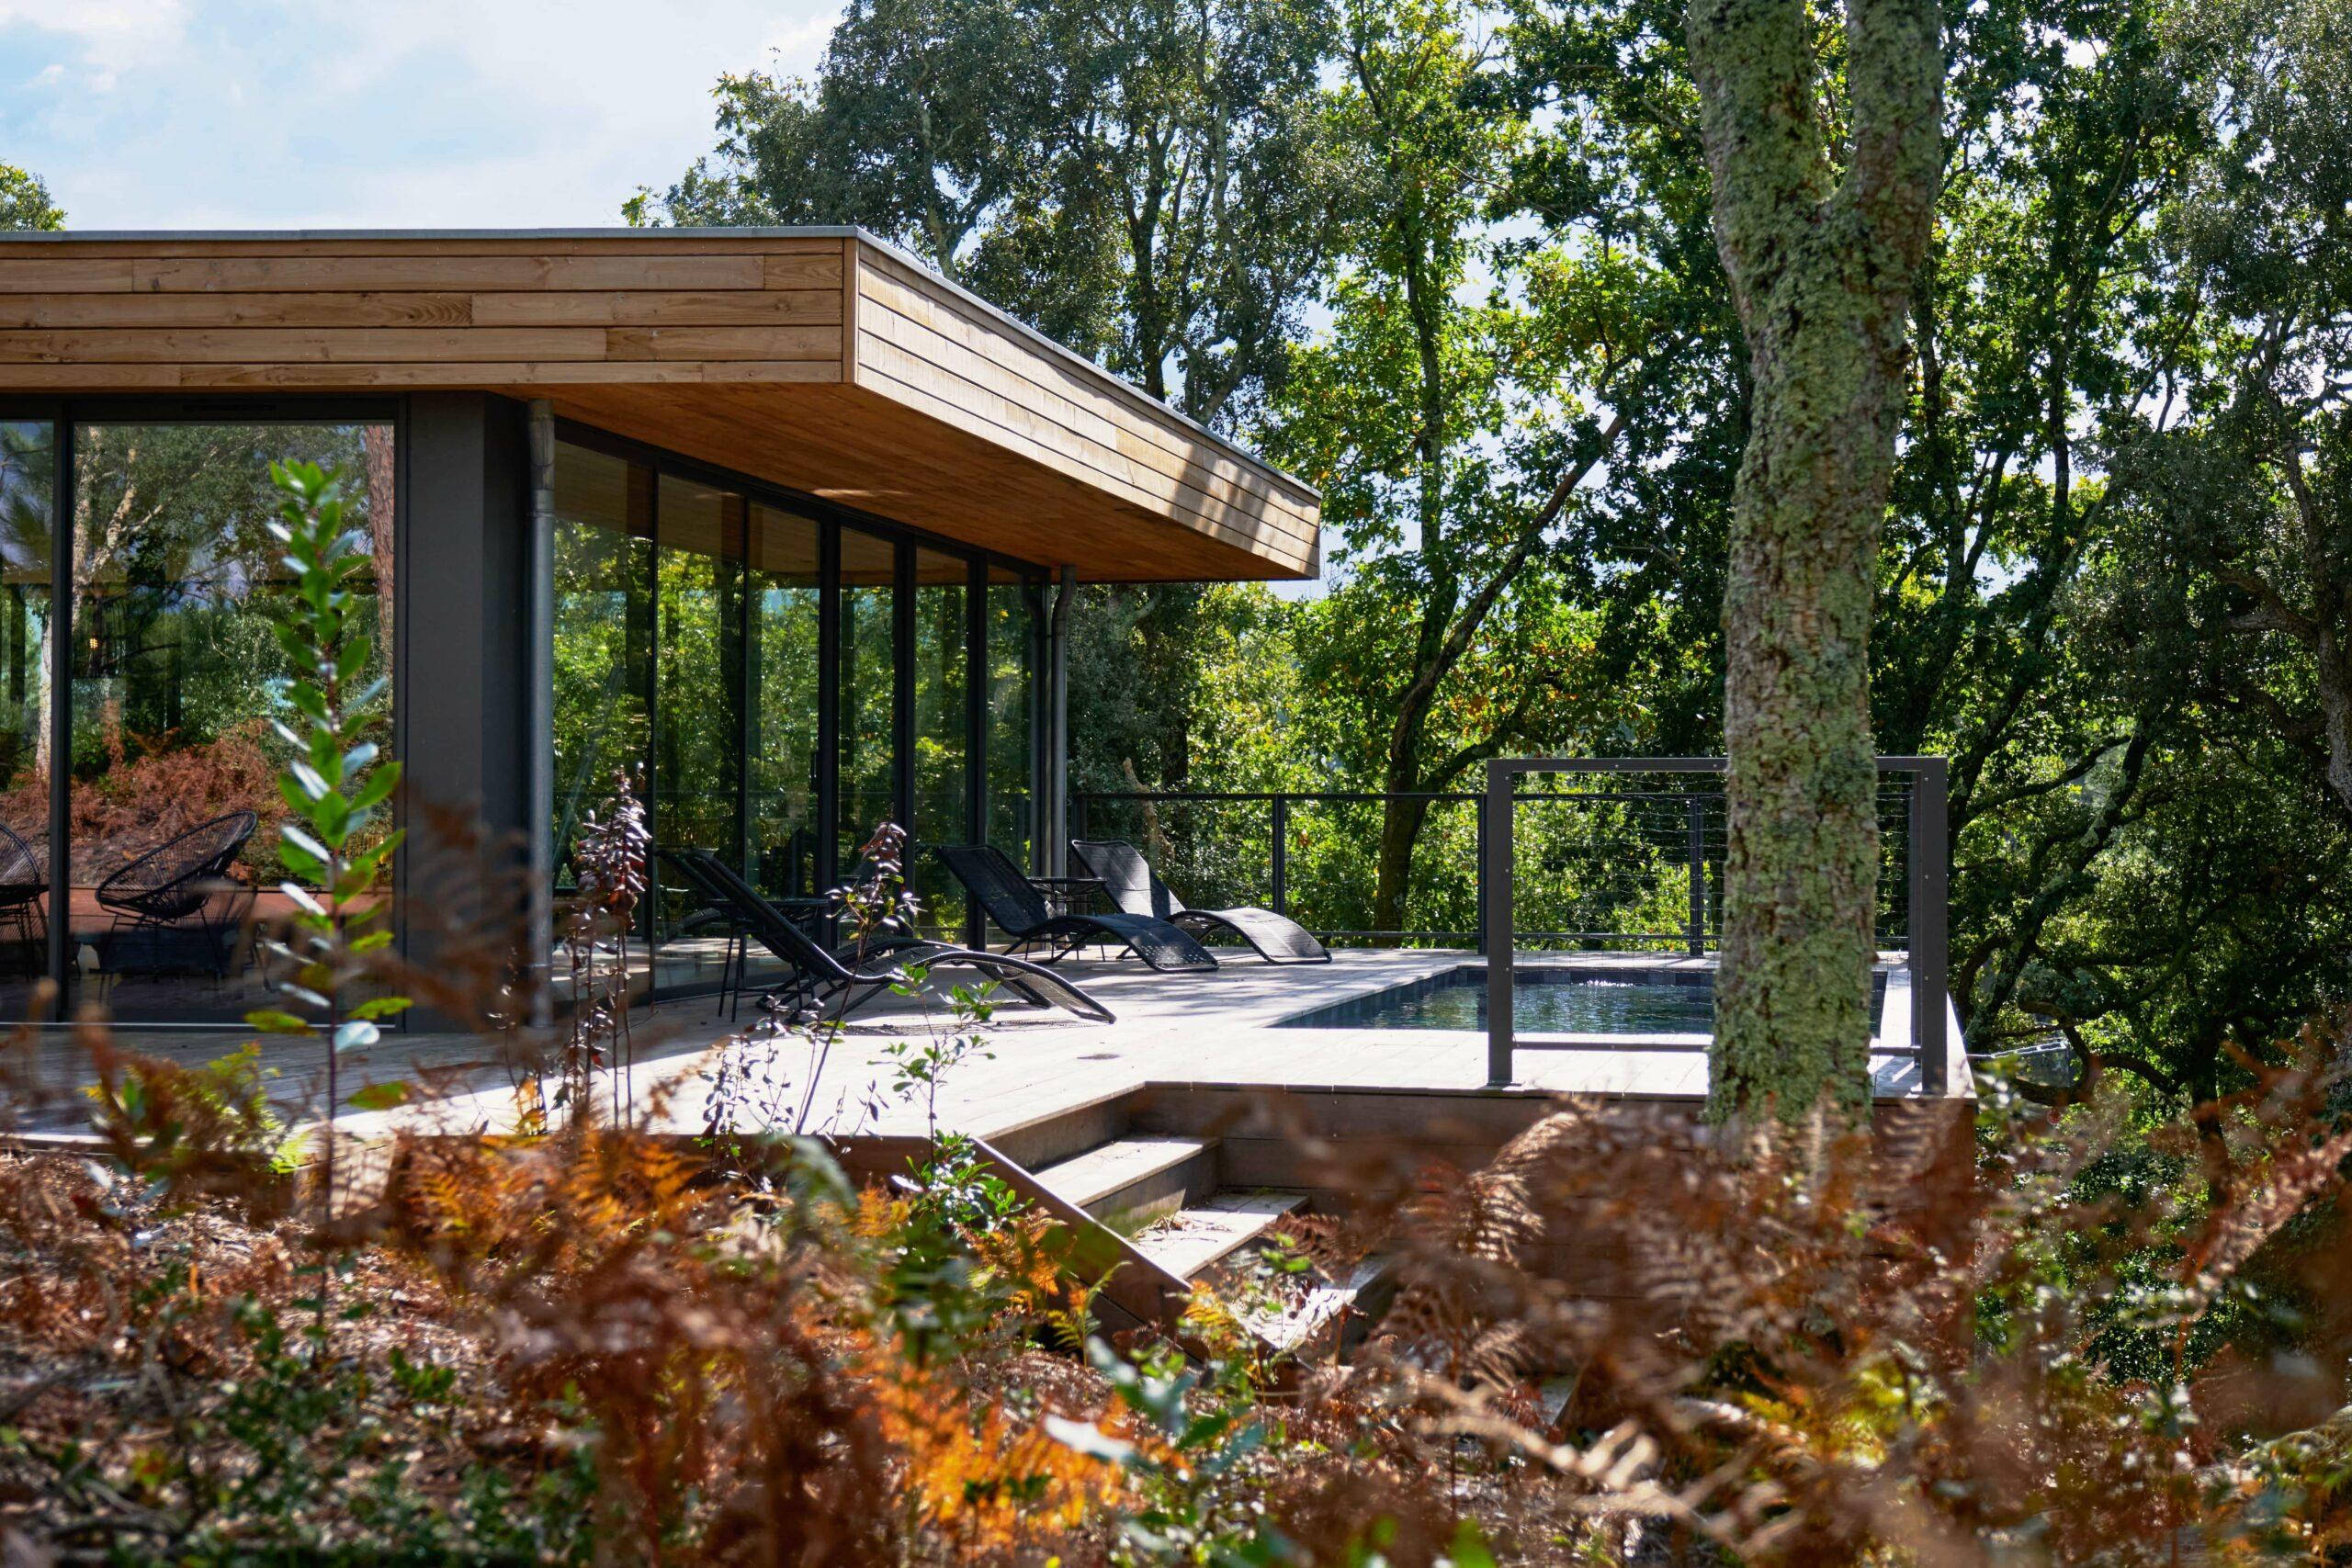 Villa Heuguera Soorts-Hossegor France